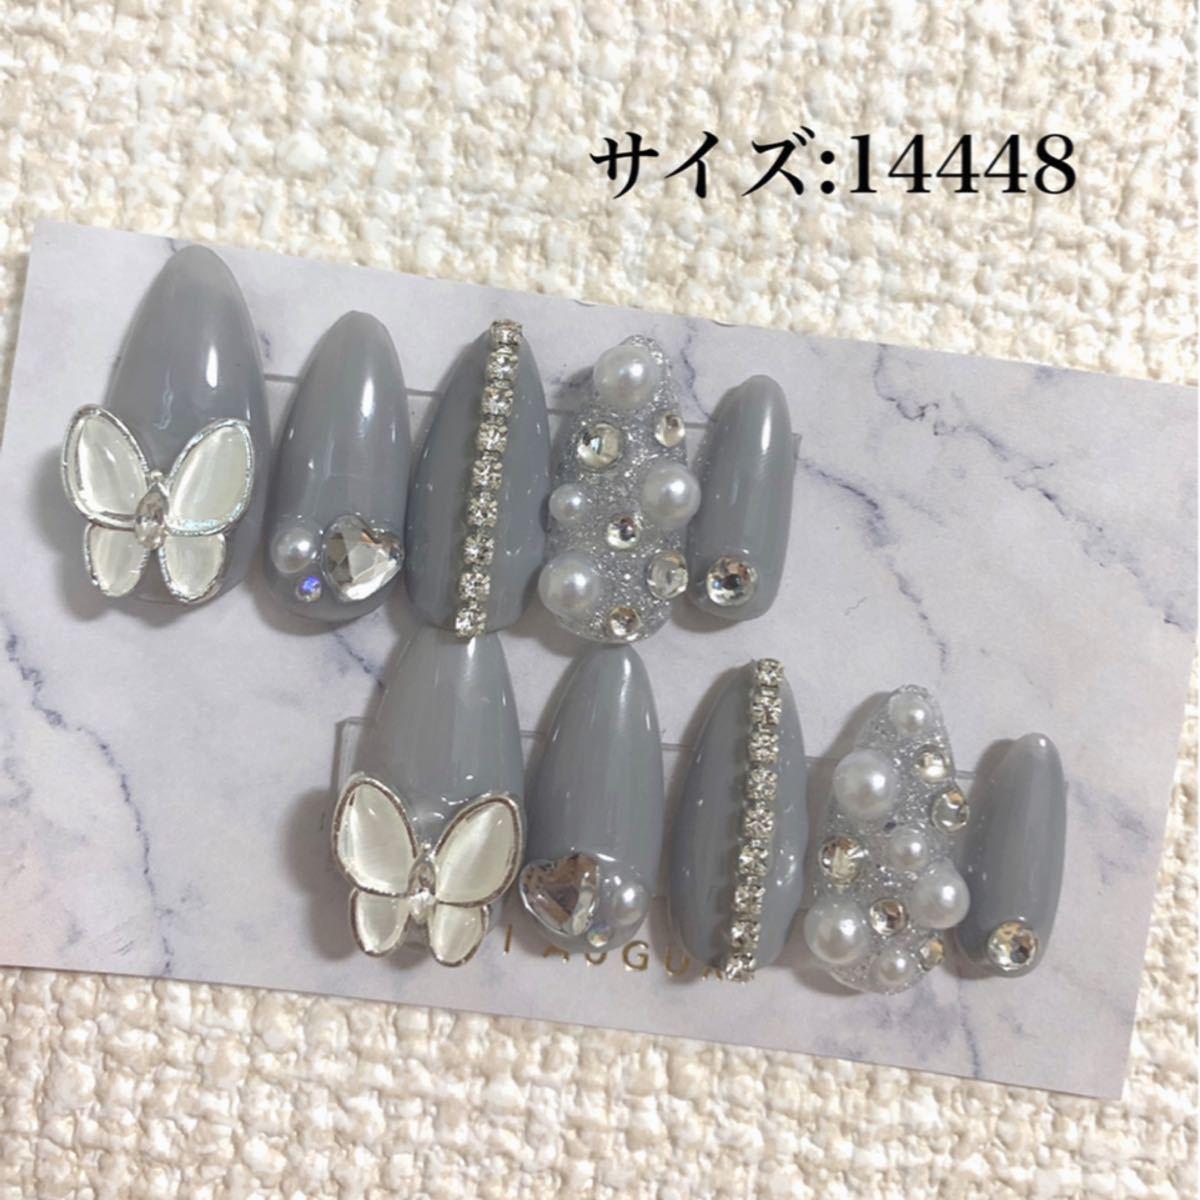 ネイルチップ 蝶々 韓国 グレー ビジュー 量産型